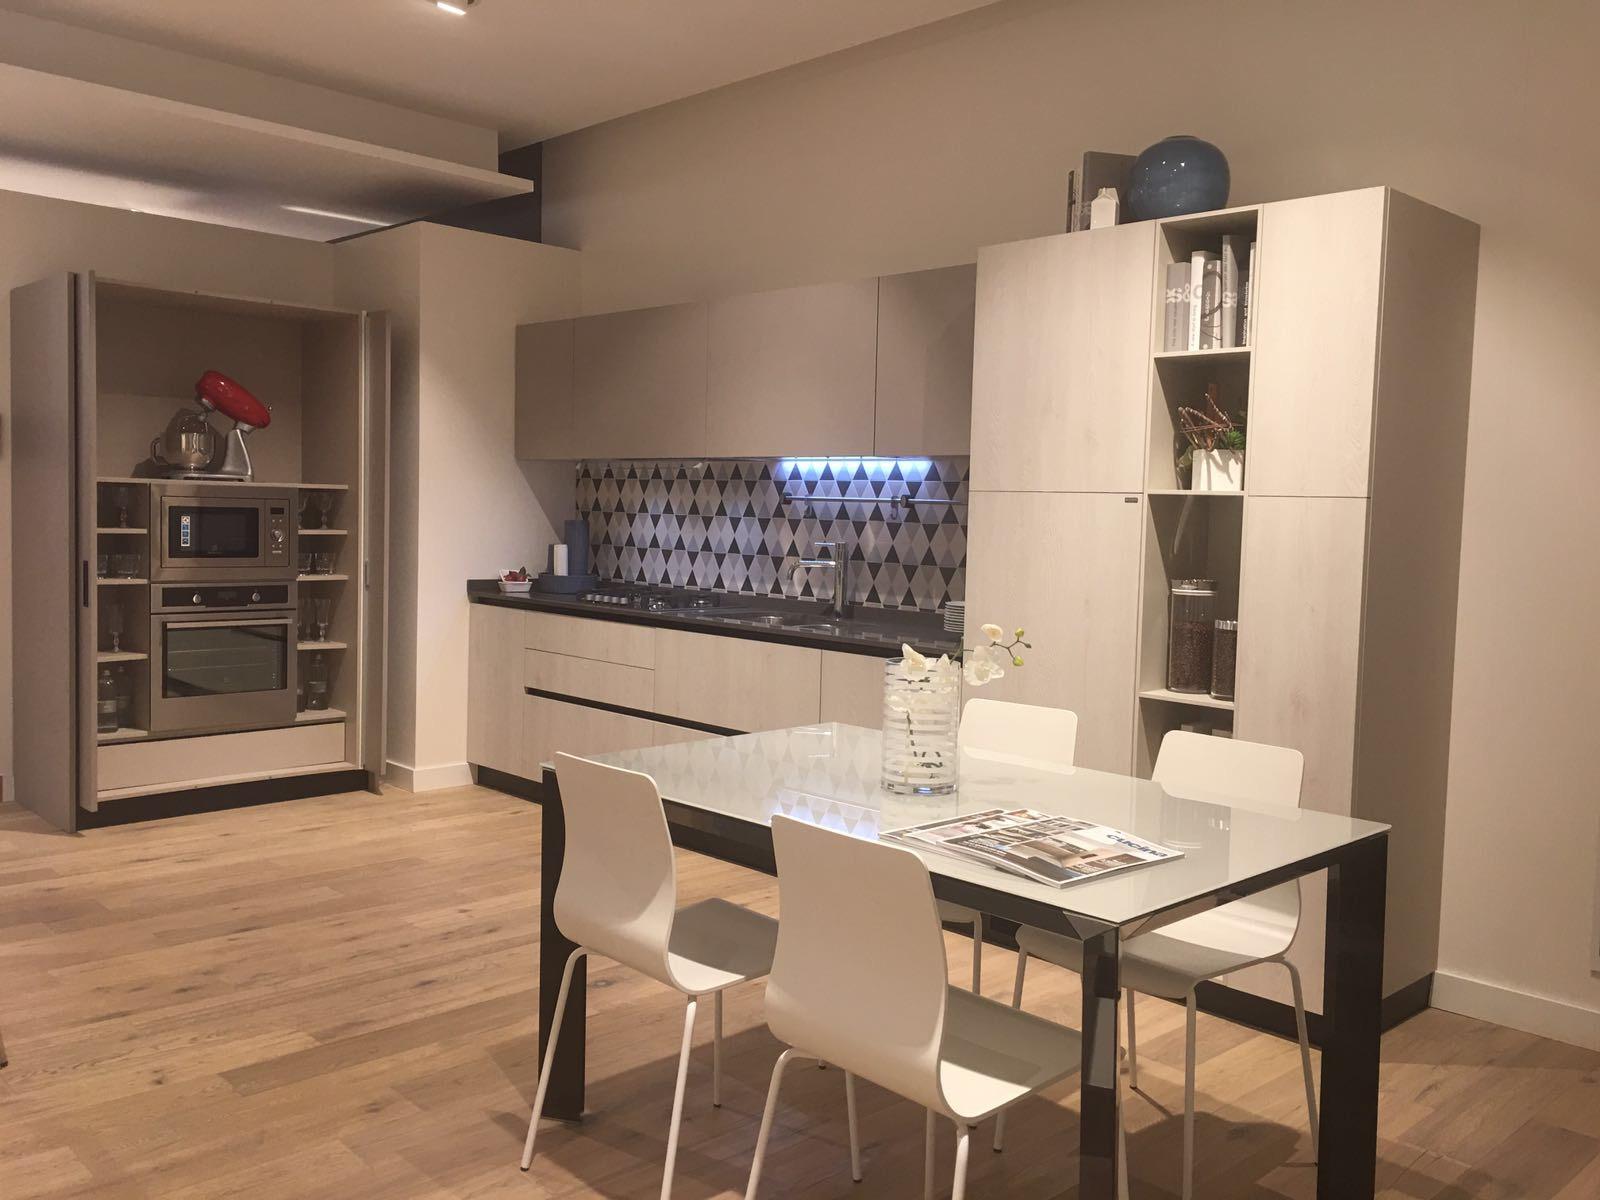 Outlet BENSA Arredamenti | Progettazione Cucine e Vendita Mobili